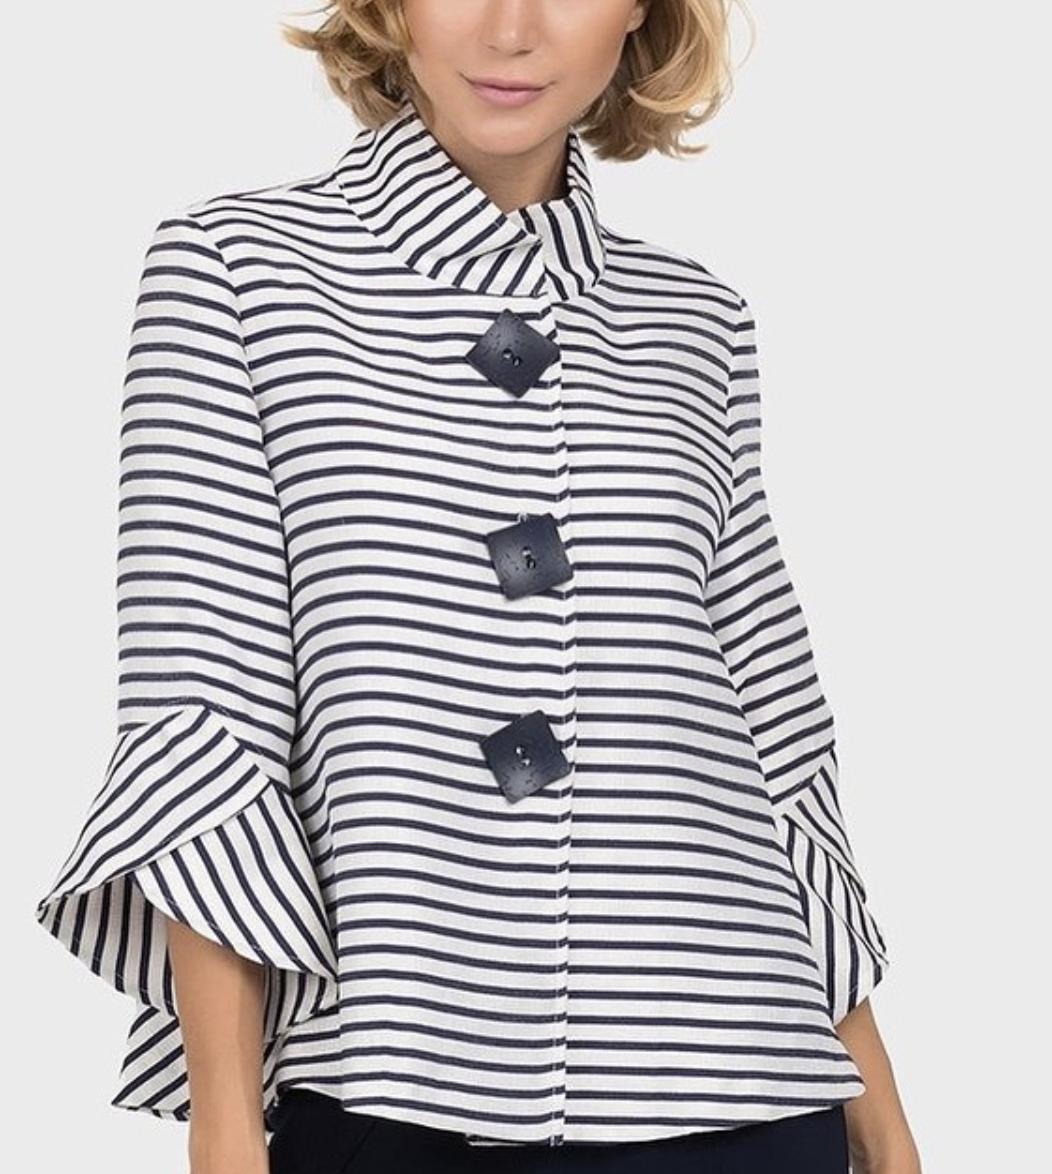 Joseph Ribkoff Black & White Striped Top